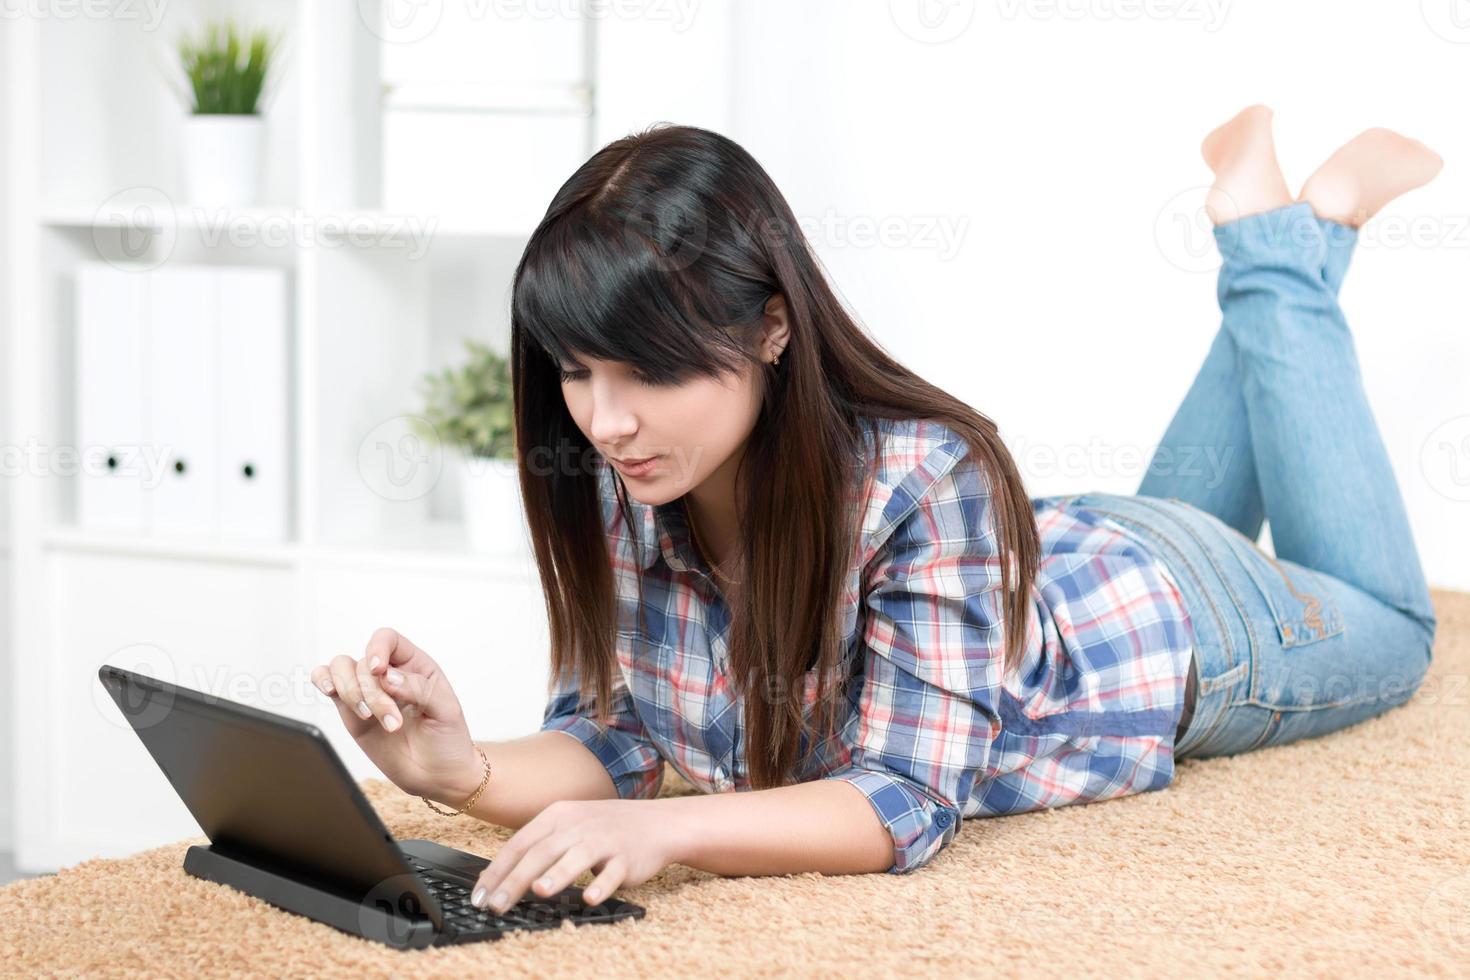 tonåring tjej studerar hemma liggande på soffan foto